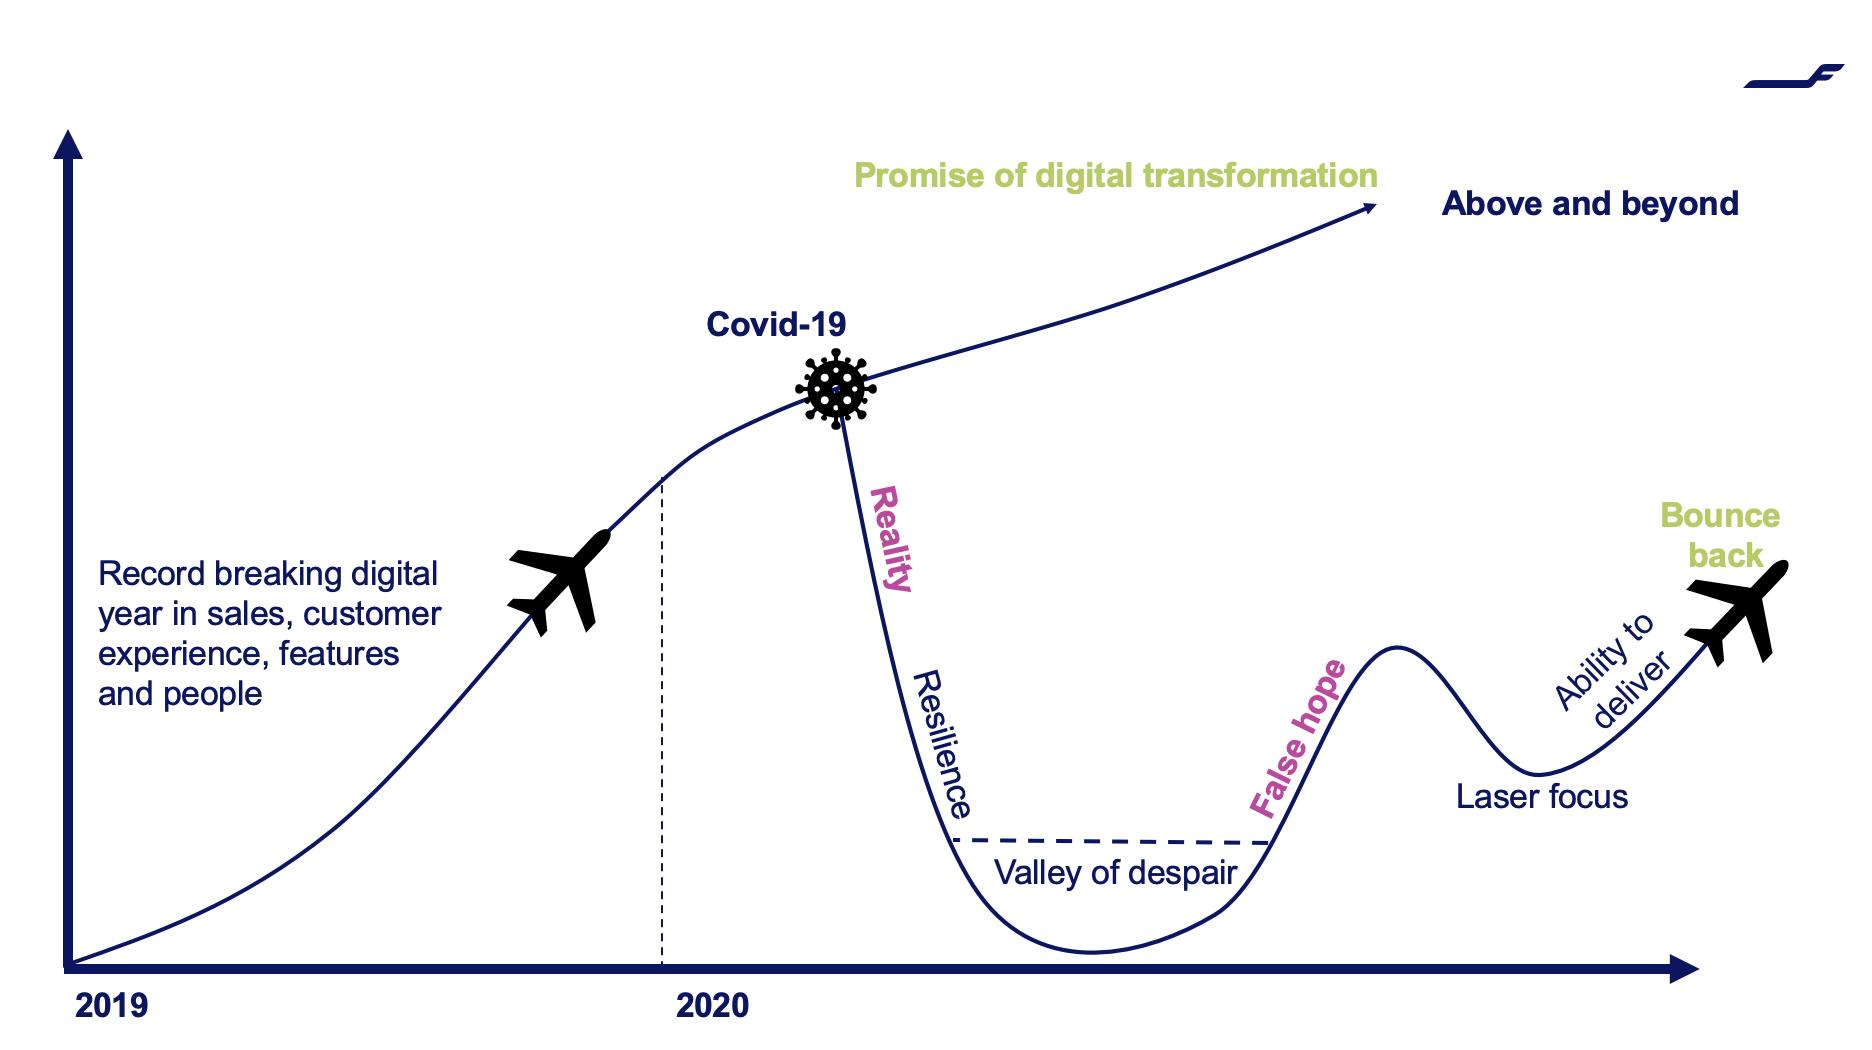 Finnair digital transformation journey during COVID-19